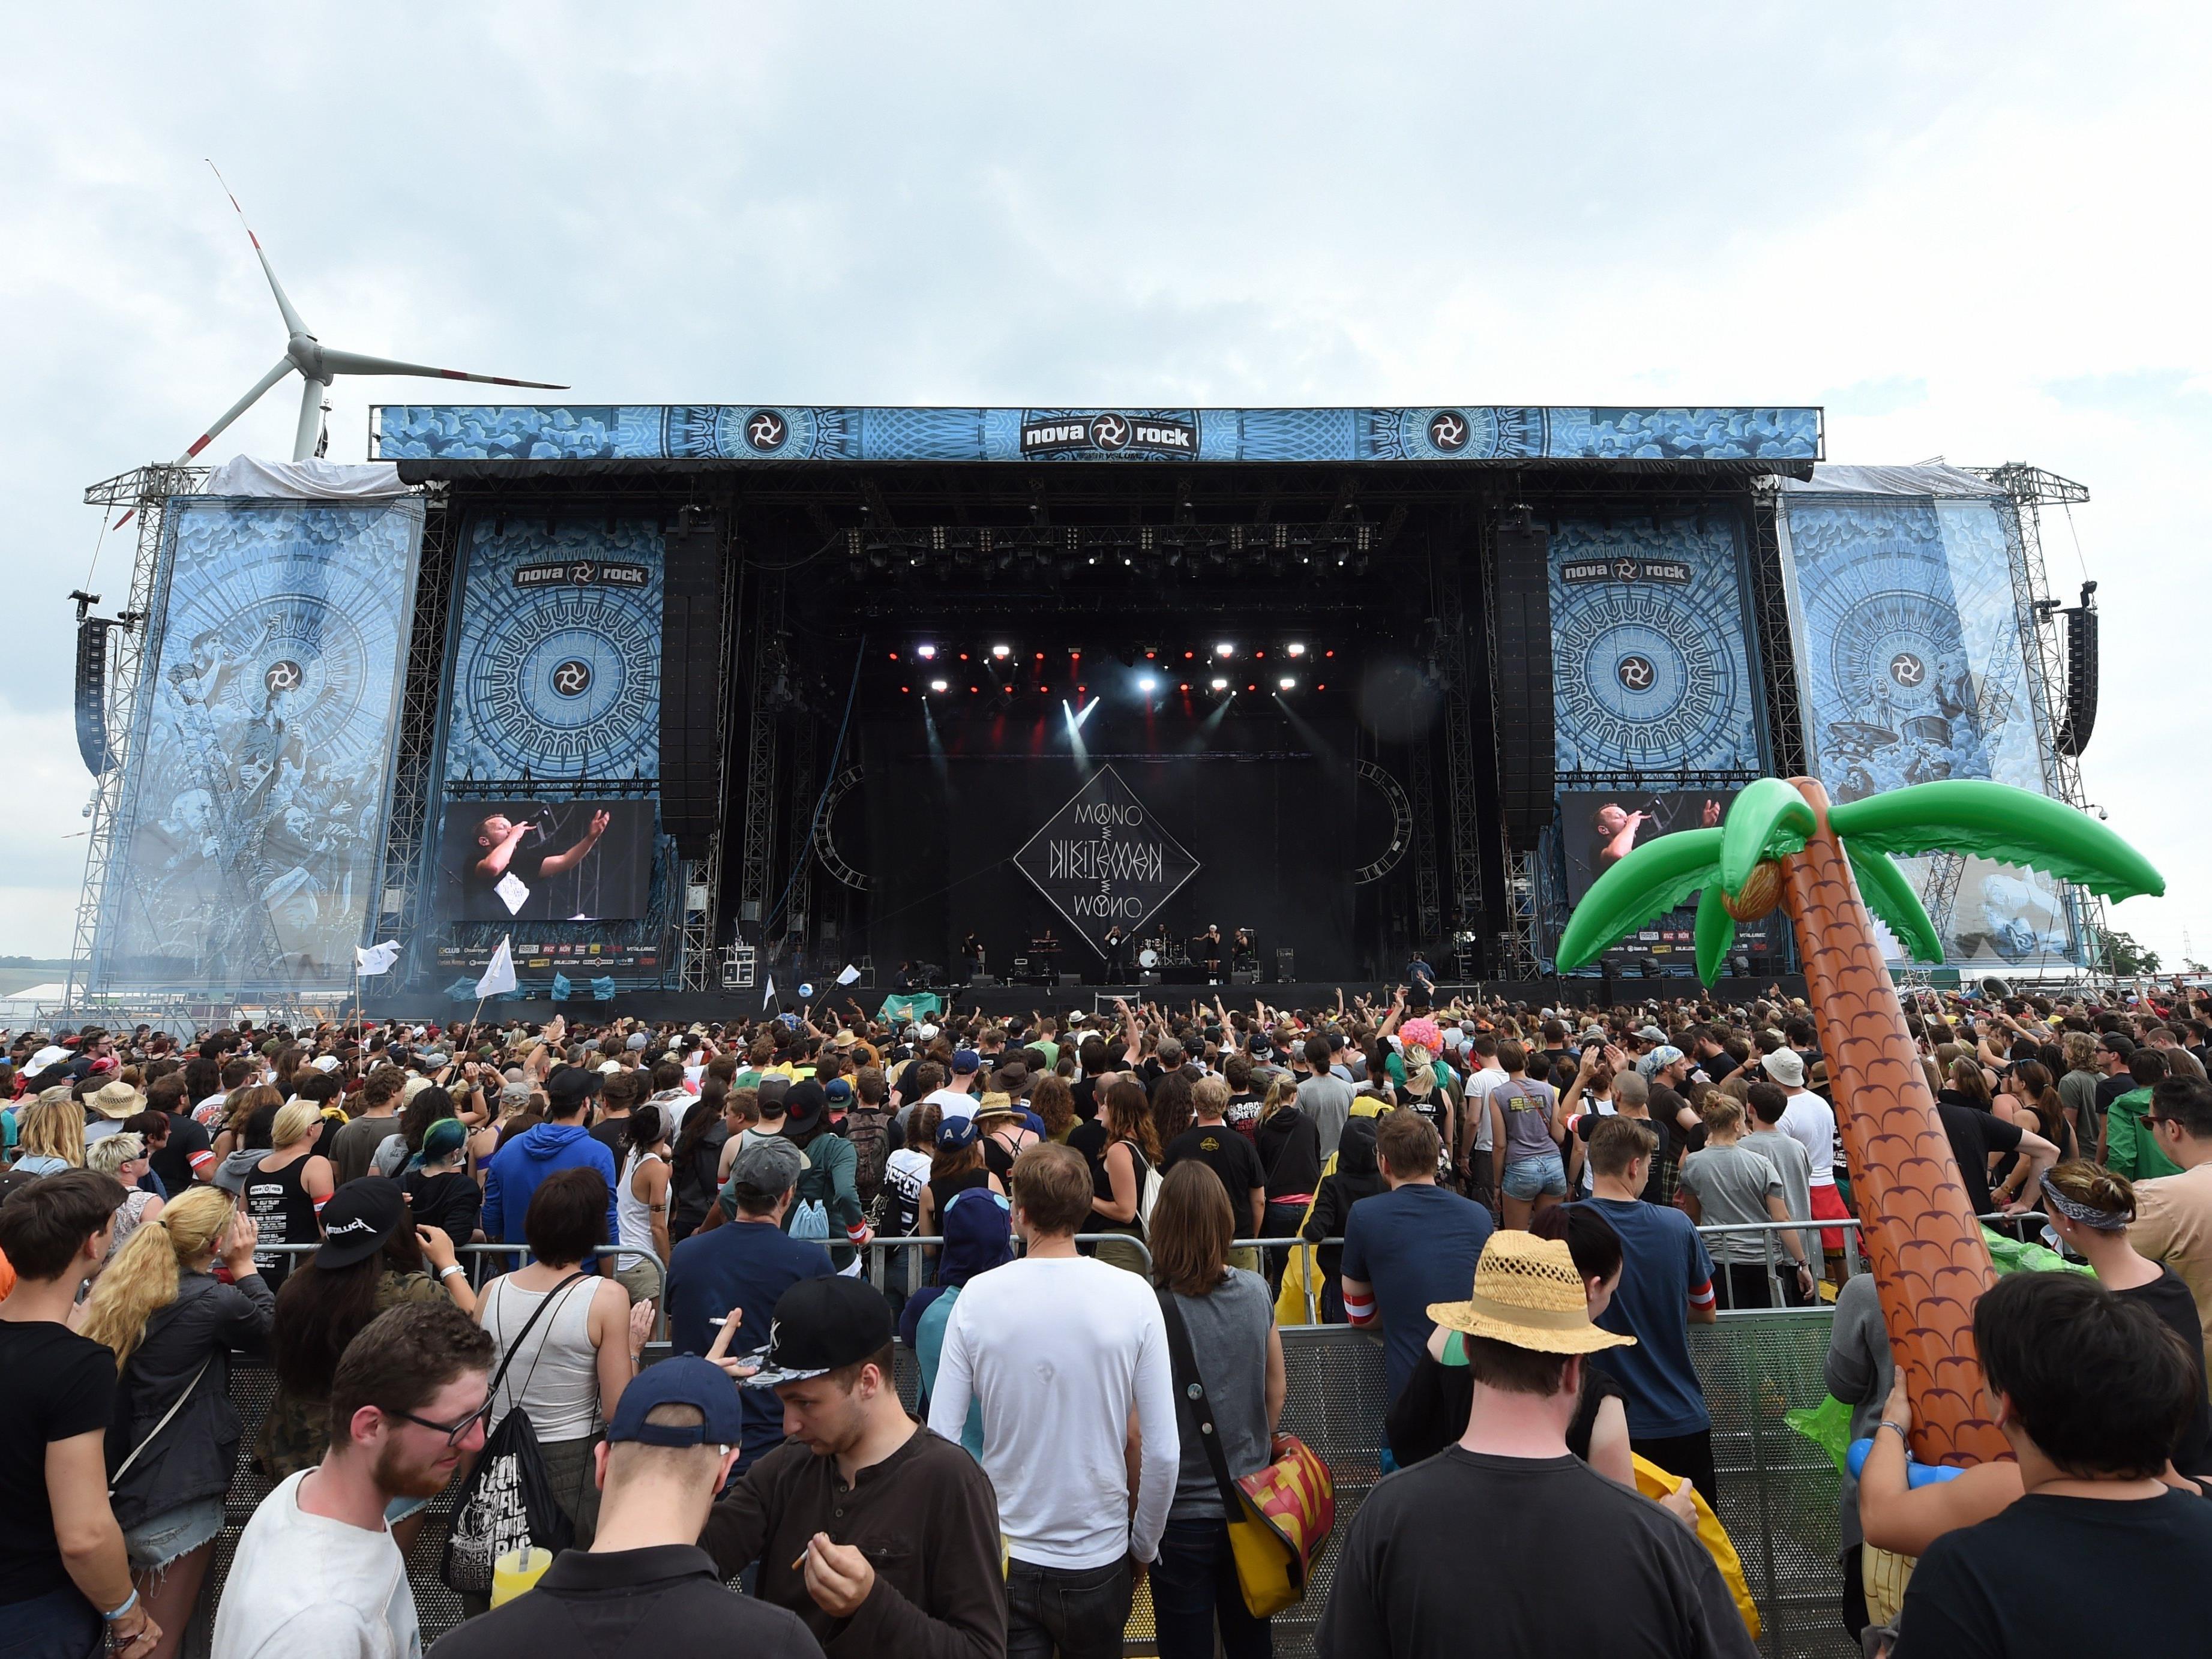 Festival-Besucher können durch Preisvergleiche zum Teil viel Geld sparen.